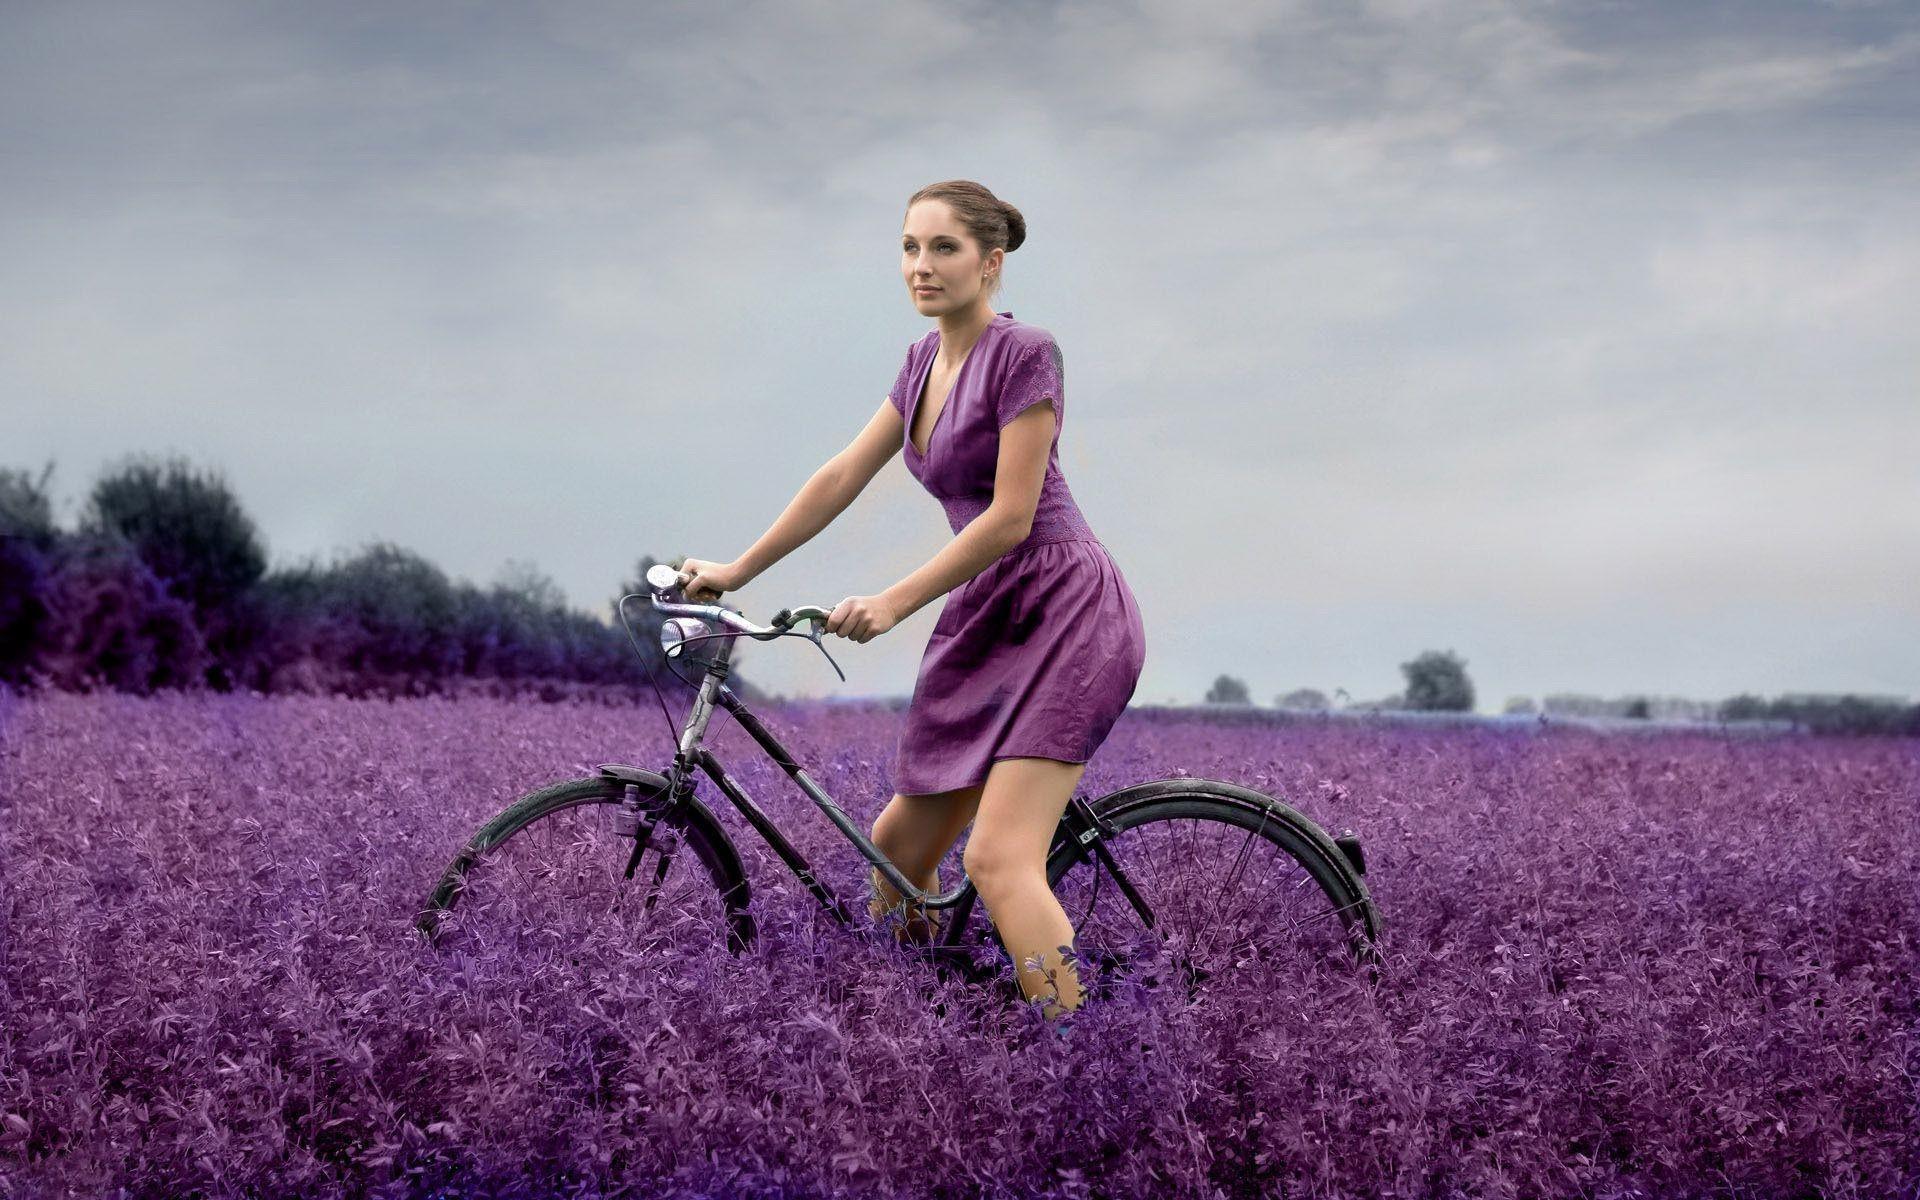 … the bike on a wild flowers field HD Wallpaper 1920×1200